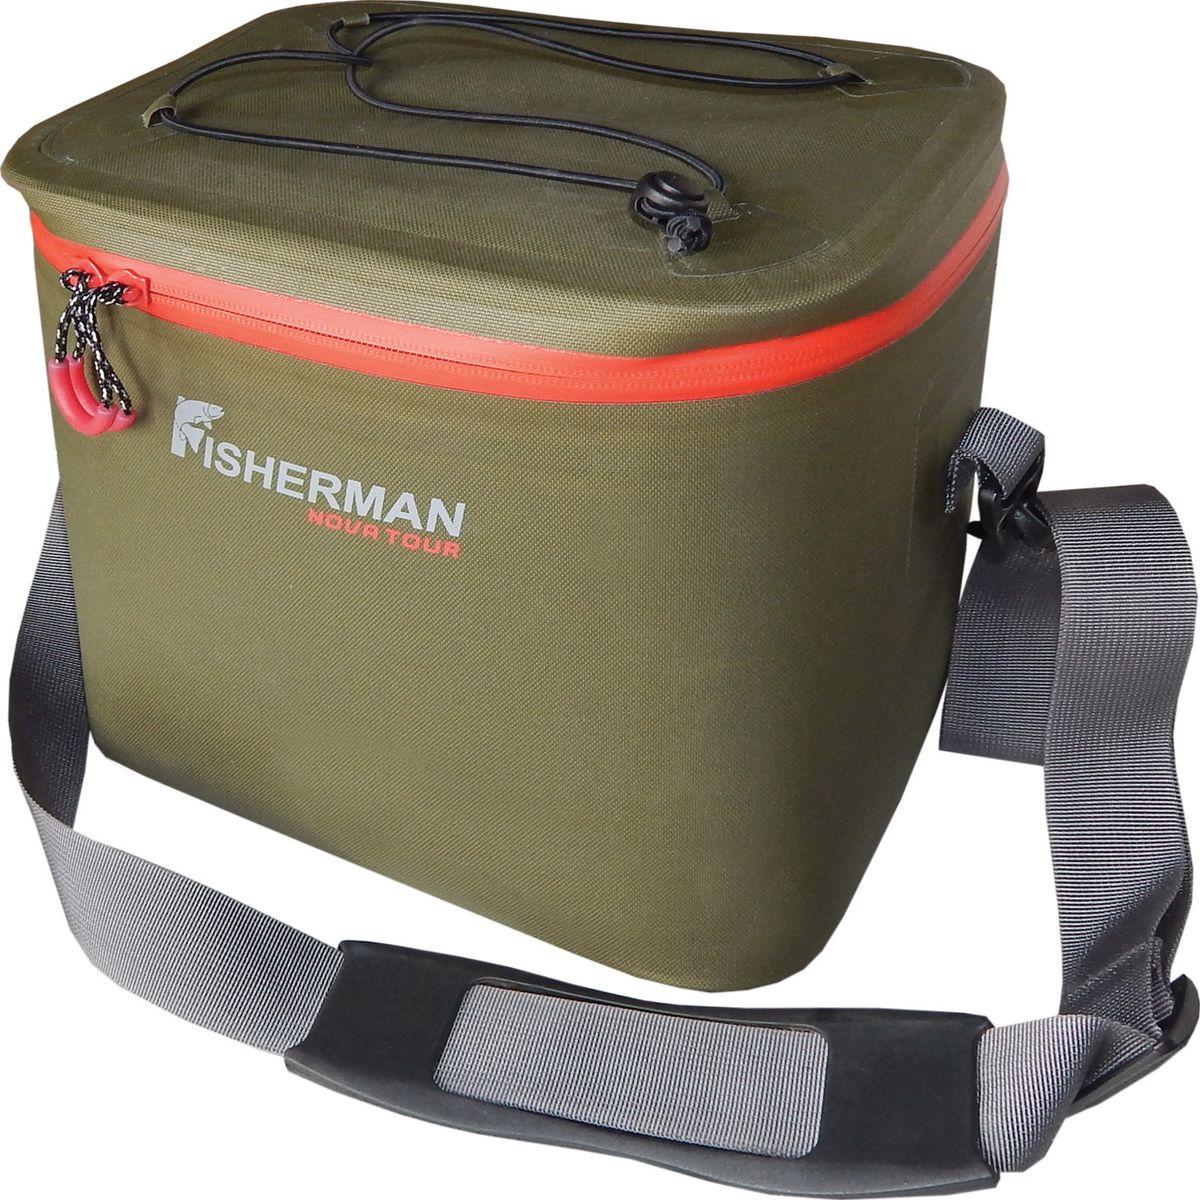 Сумка Fisherman Nova Tour Кейс PRO, цвет: хаки, 14 л сумка дорожная nova tour кэйр цвет коричневый 48 л